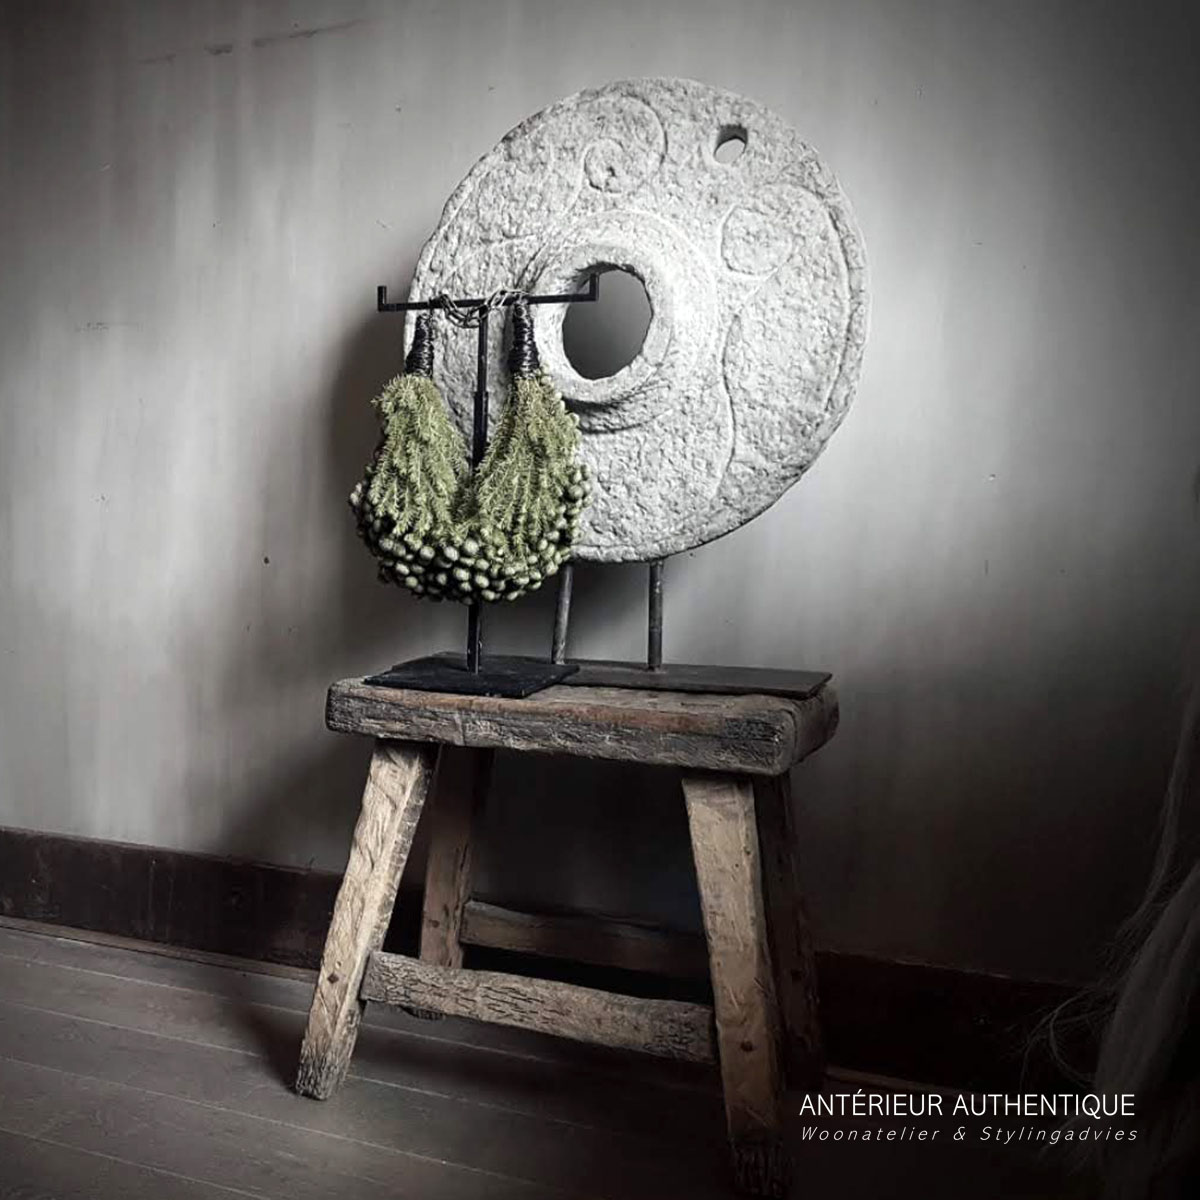 Afbeelding van een molensteen ornament op statief voorzien van groendecoratie geplaatst op Chinees bankje voor gebruik in de webshop van Antérieur Authentique